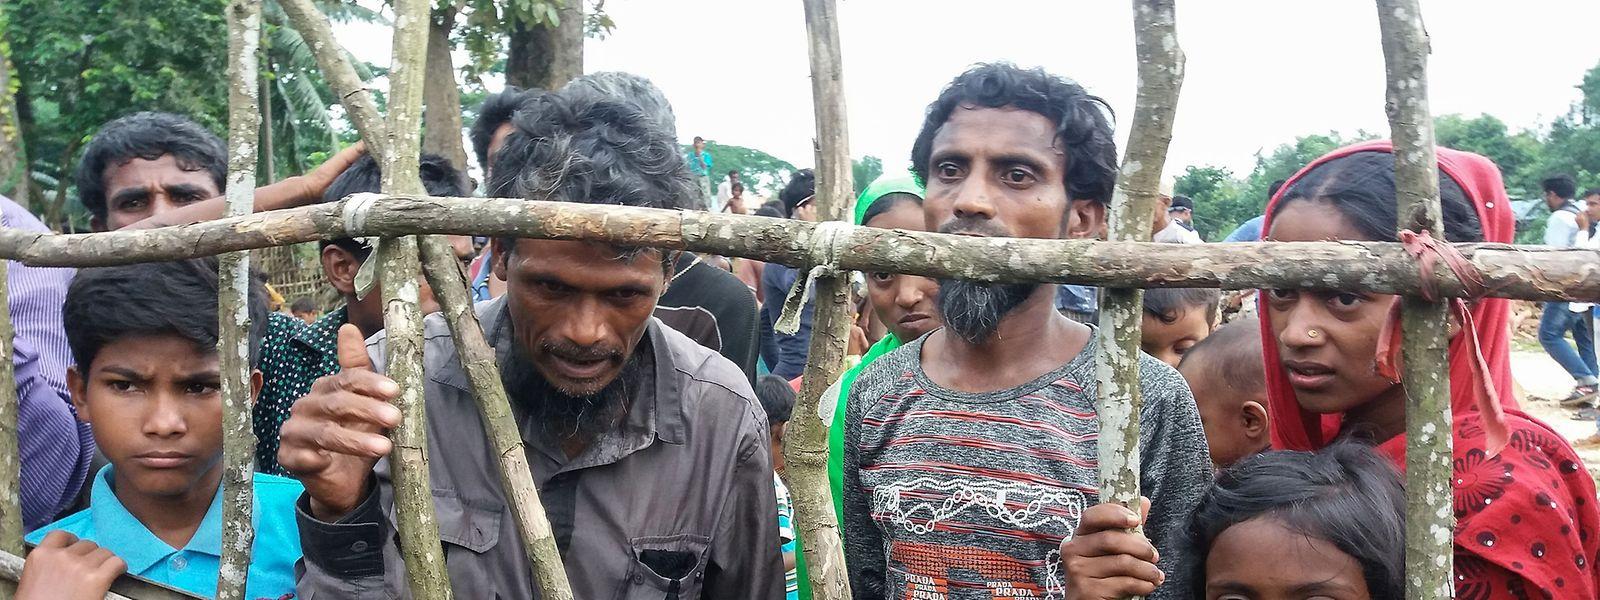 Rohingya-Flüchtlinge, die vor der Verfolgung nach Bangladesch geflüchtet sind.